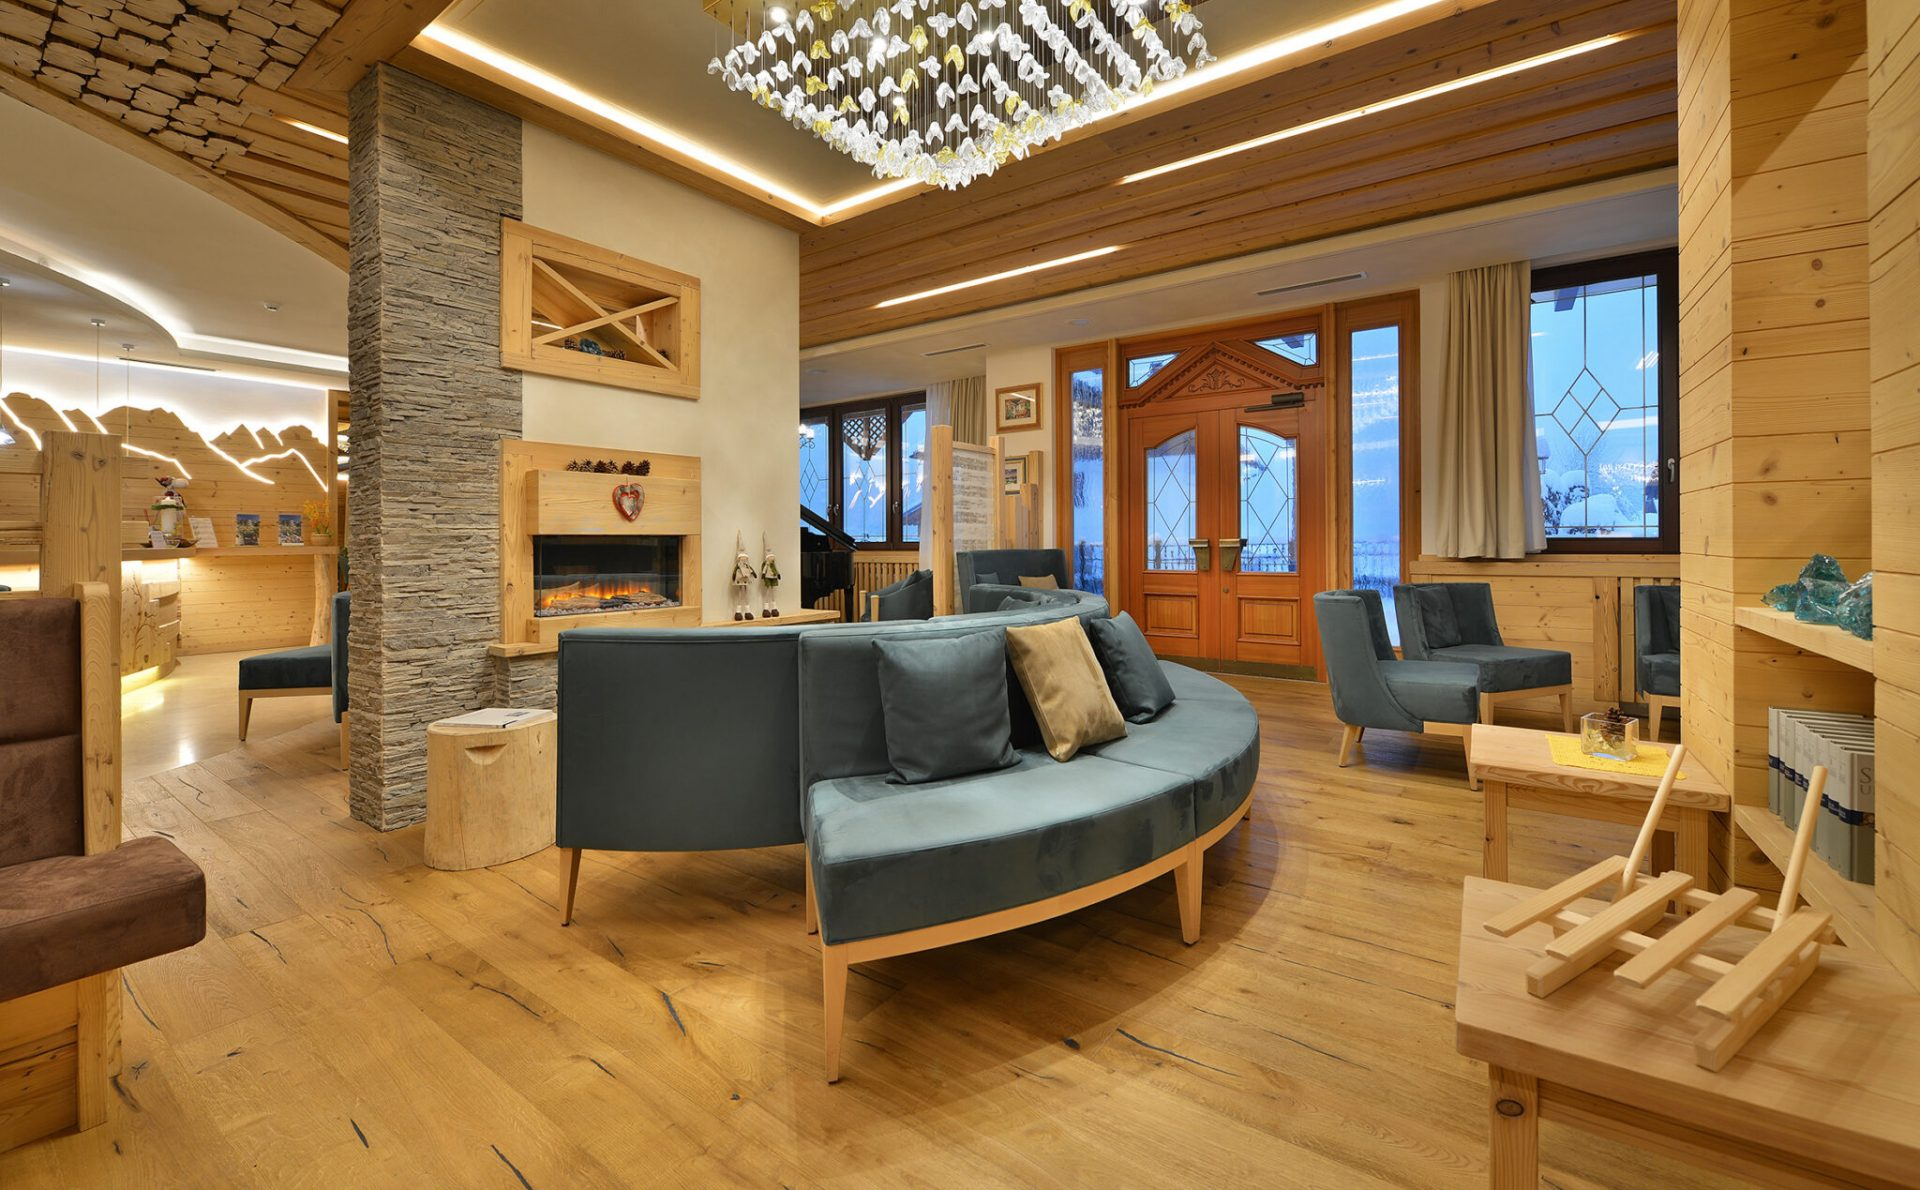 Immagine di testata per Kristiania Pure Nature Hotel & Spa in Val di Pejo